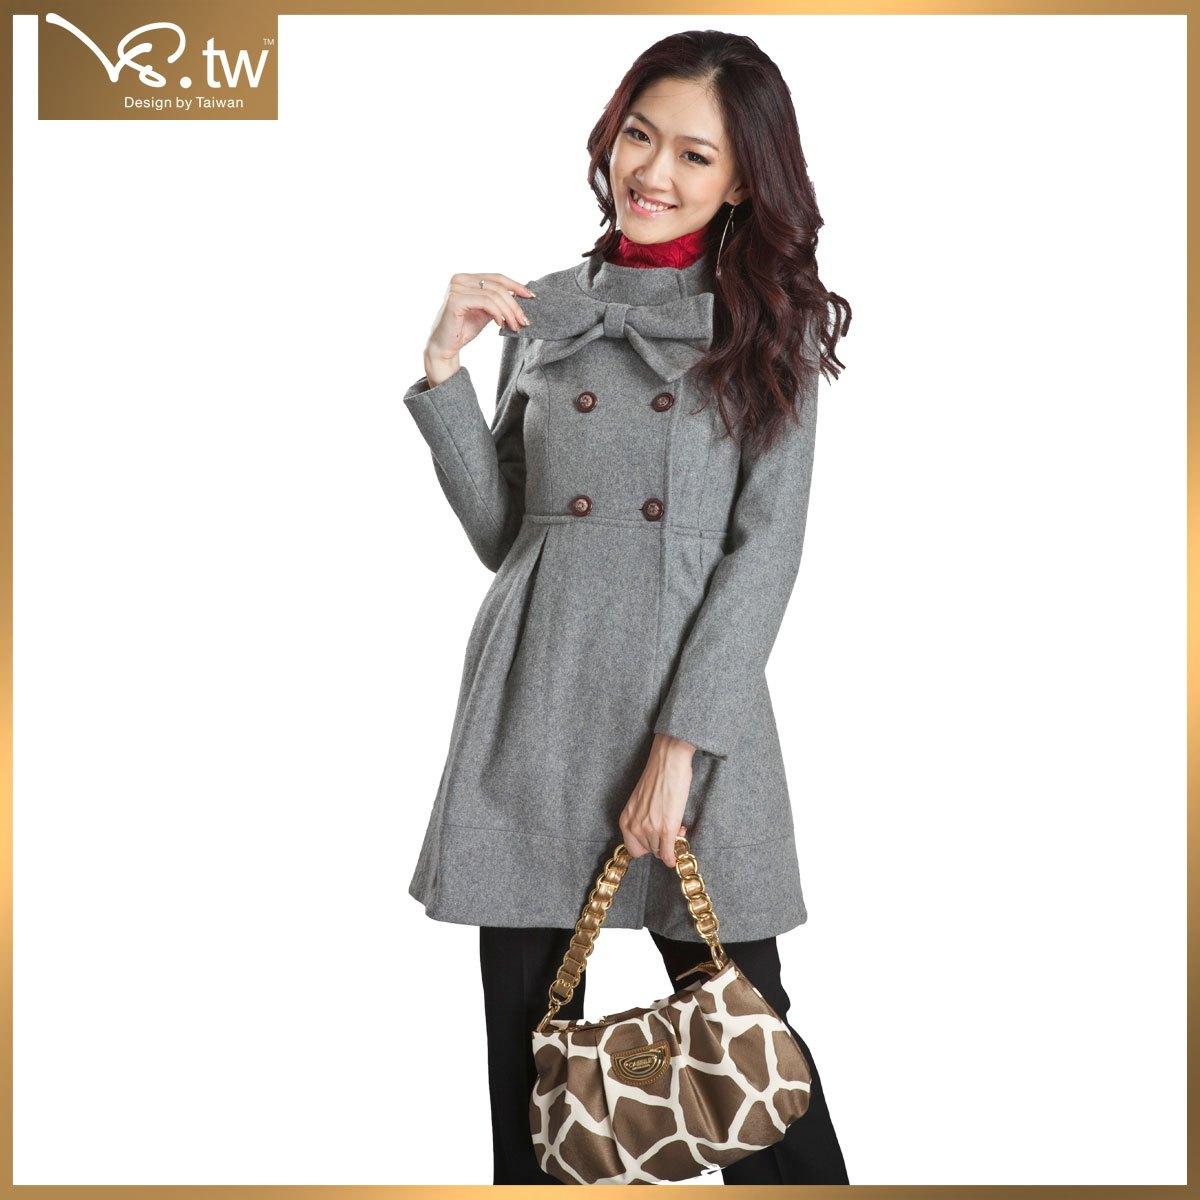 женское пальто VS.TW 3971 VS.tw2011 Длинная модель (80 см<длина изделия ≤ 100 см) VS.TW Длинный рукав Классический рукав